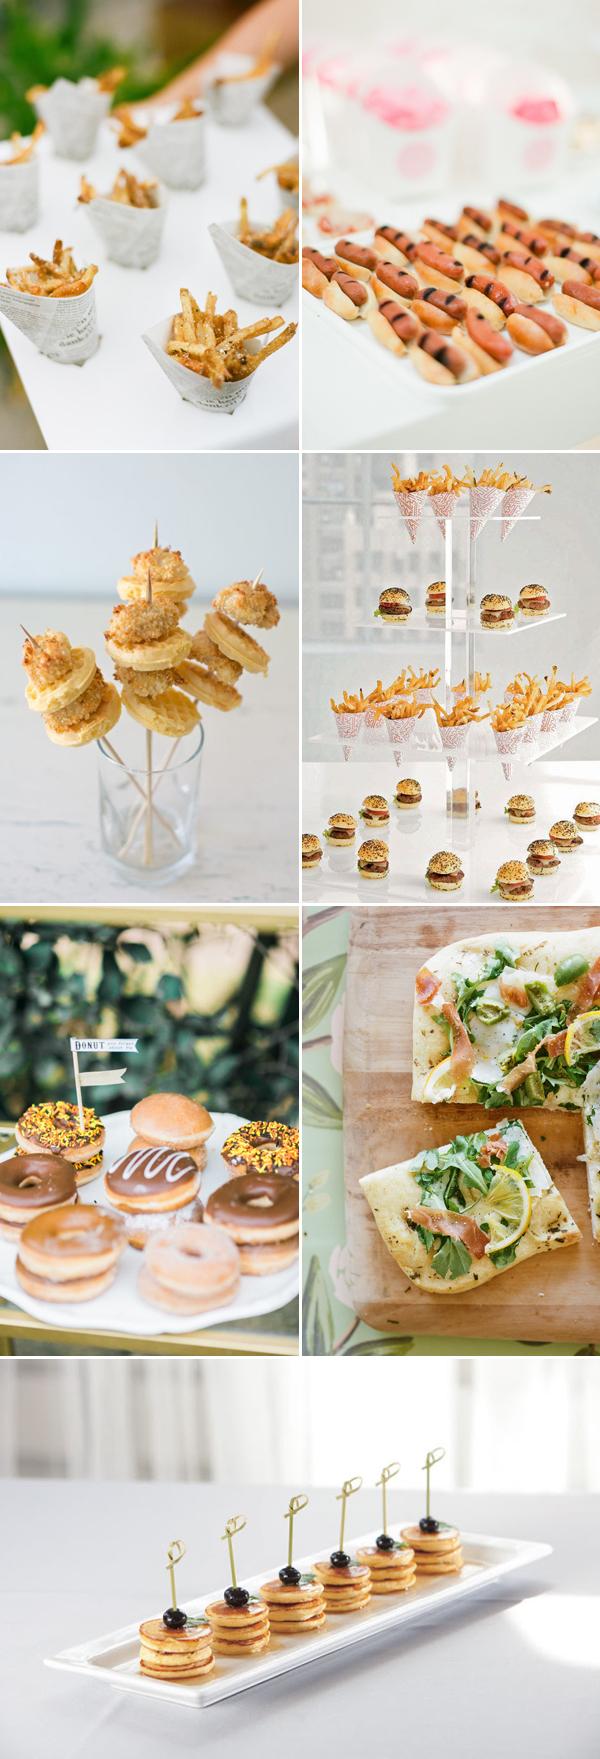 2016food02-comfortfood